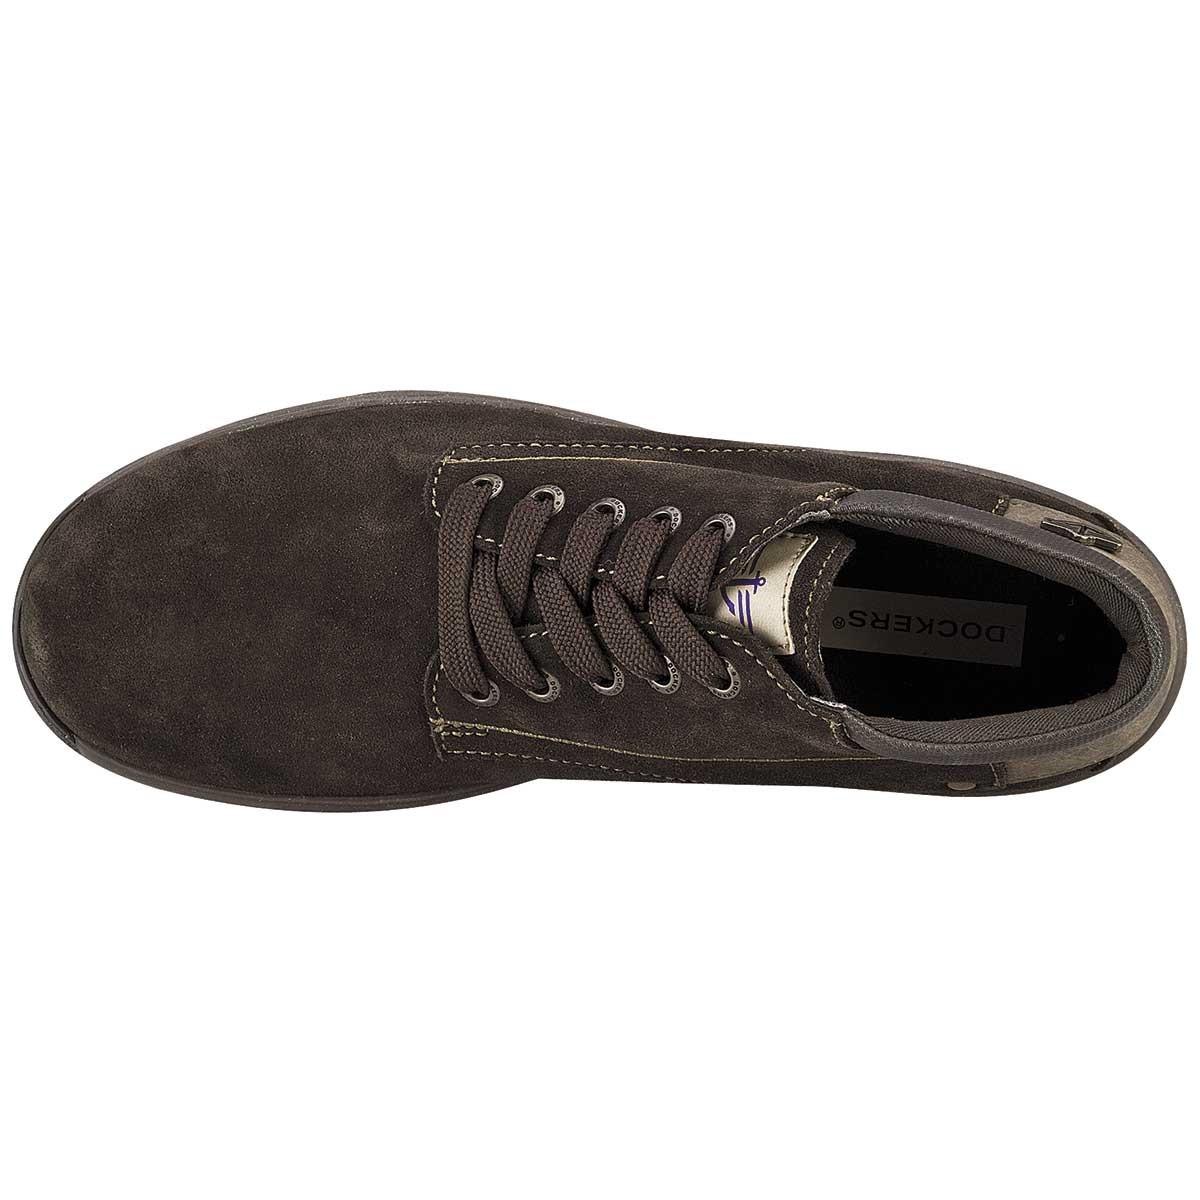 ab56e090cf1 zapato tipo bota dockers hombre. Cargando zoom.